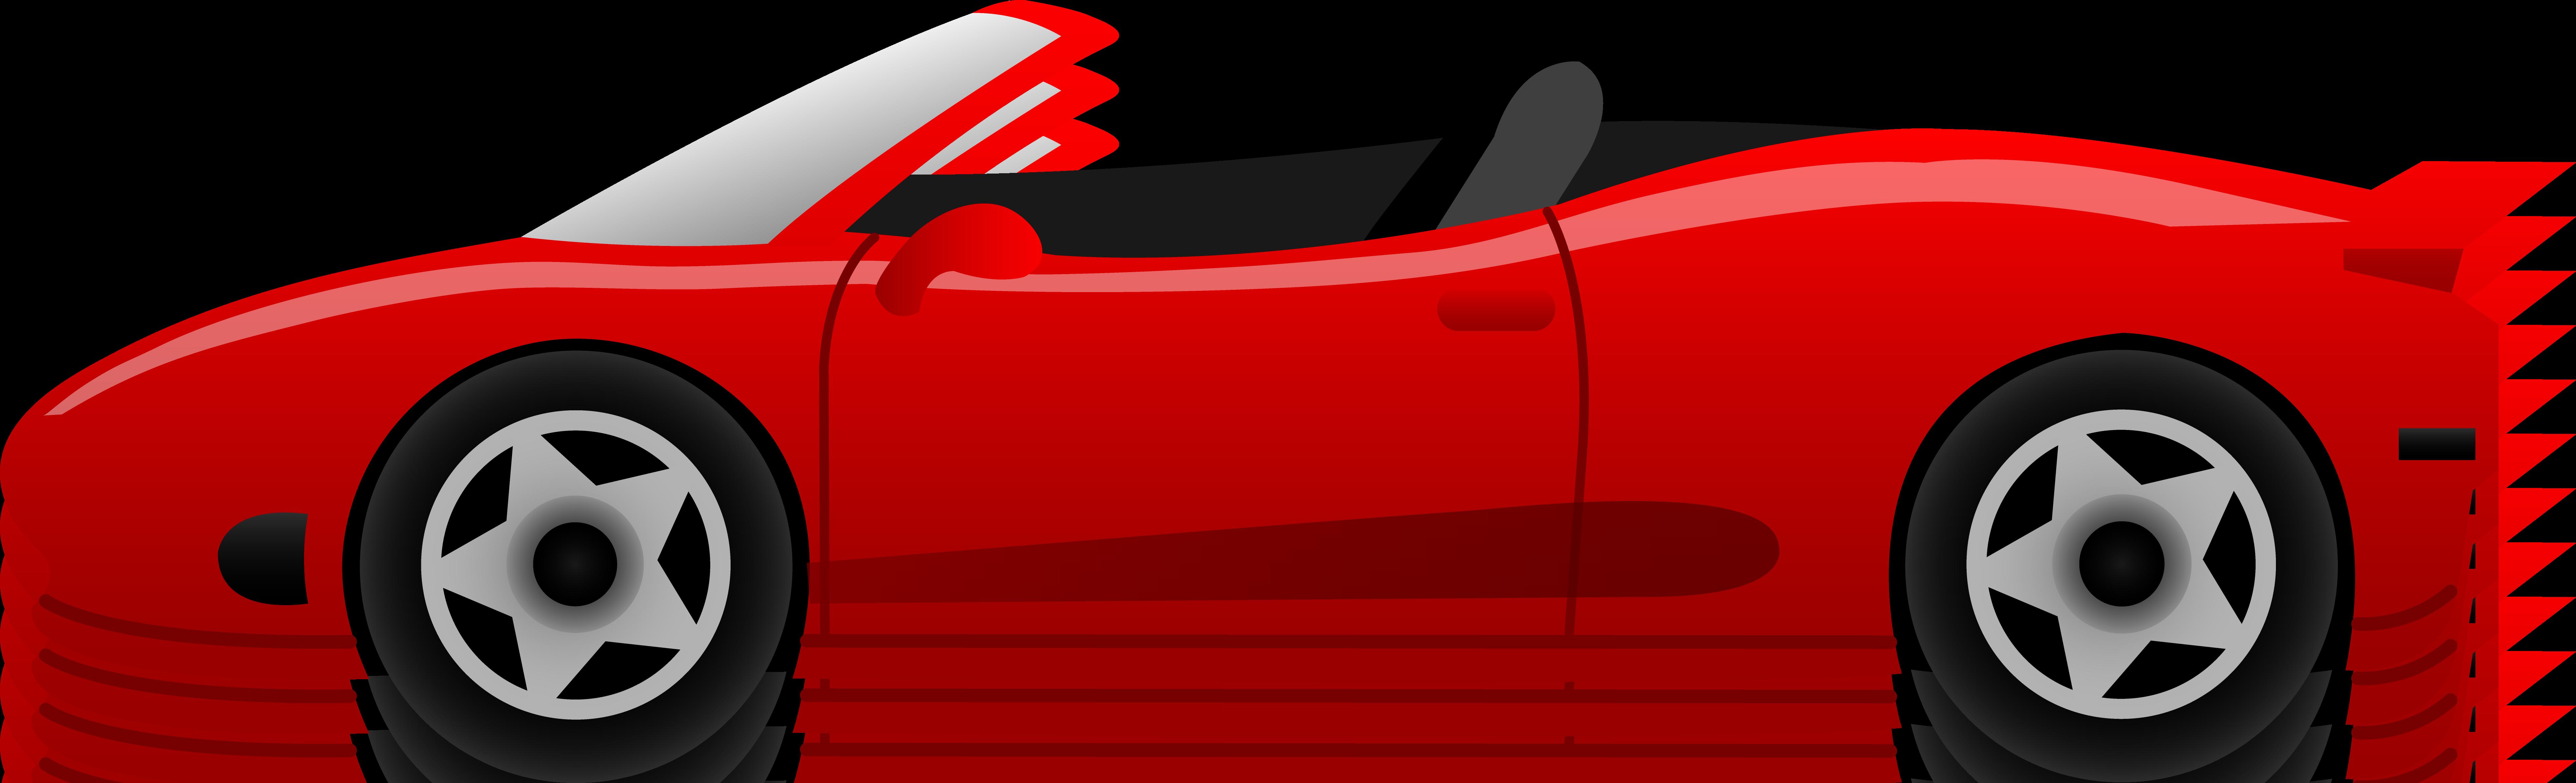 Red Ferrari Car - Fr